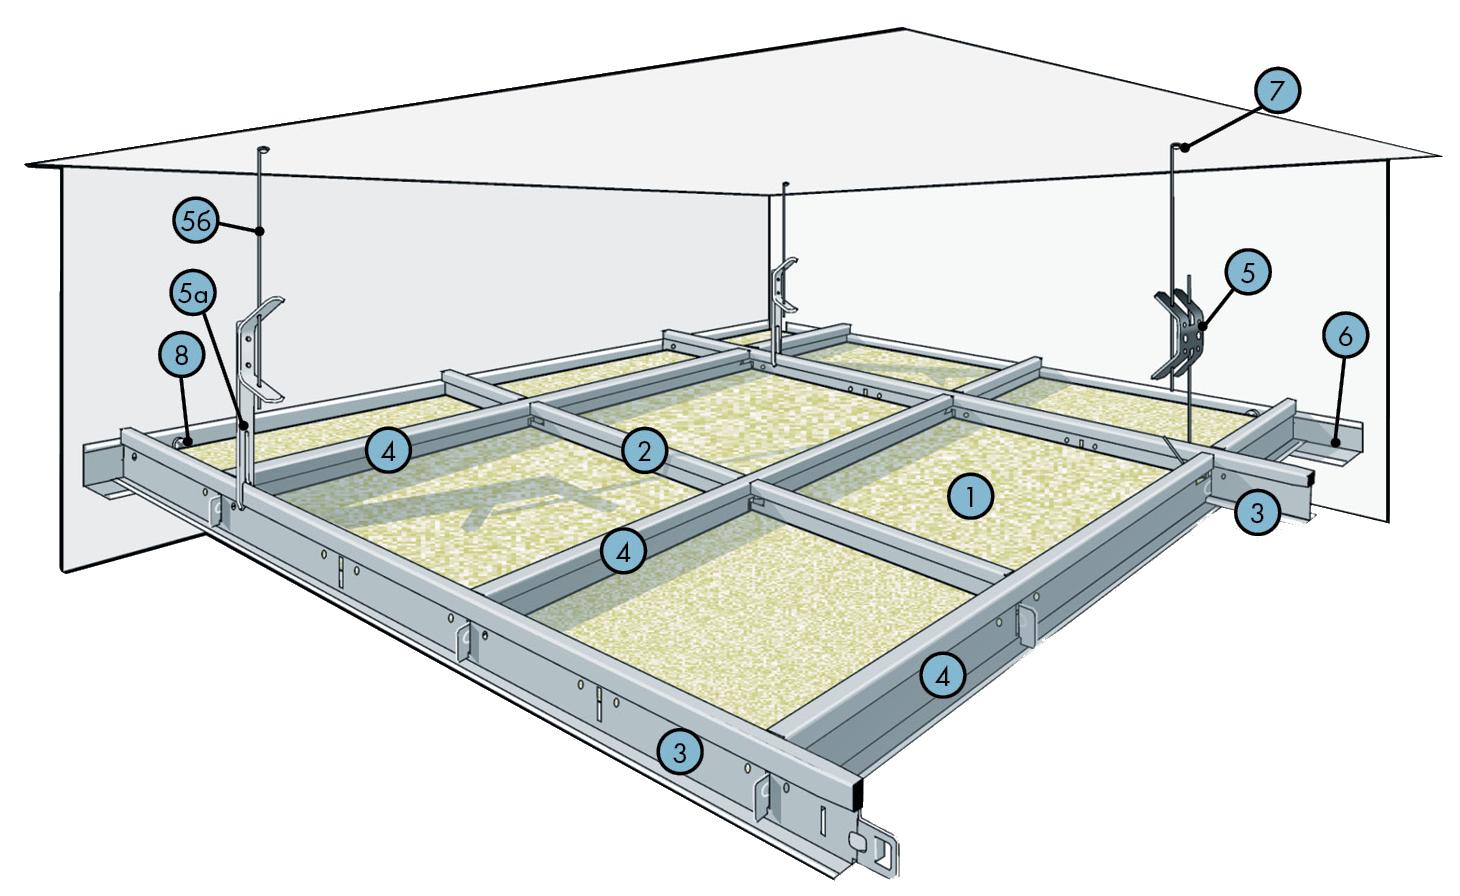 Потолок армстронг - технические характеристики, виды, плюсы и минусы + фото